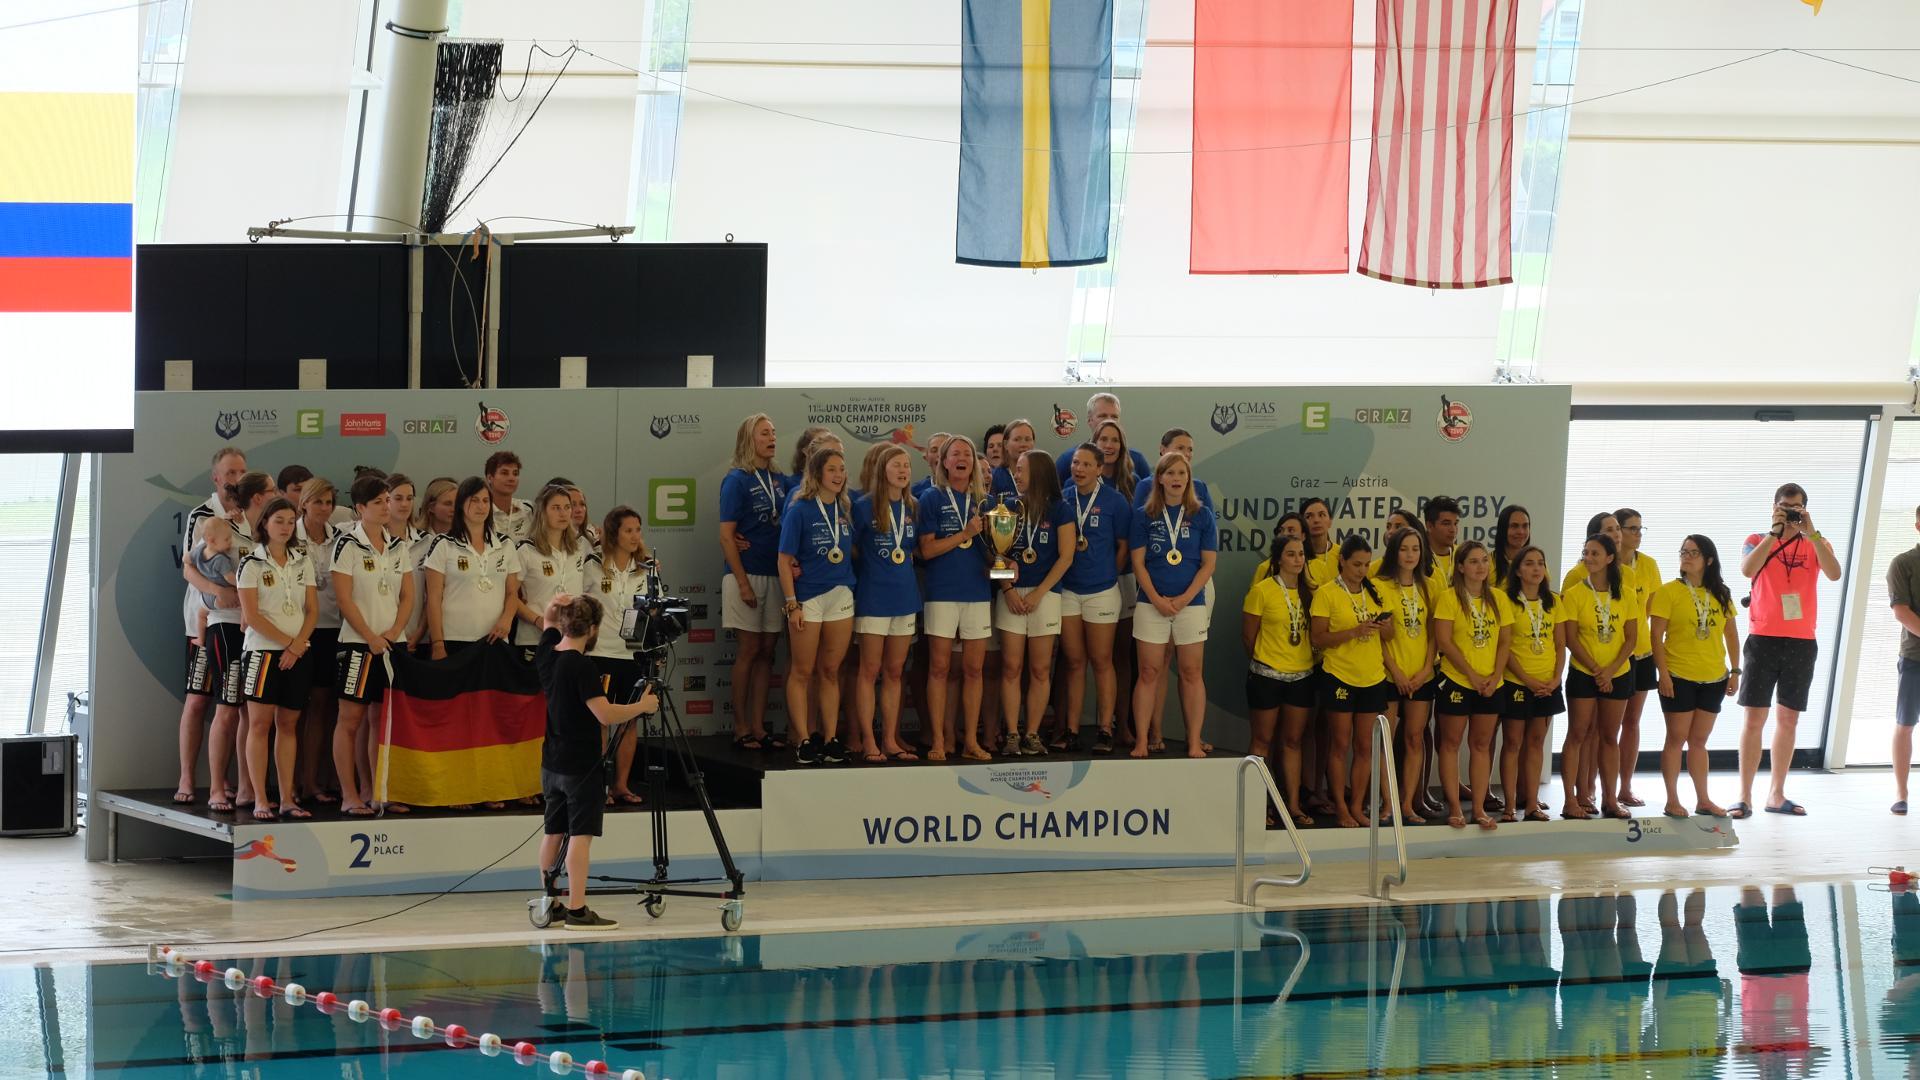 Unterwasser-Rugby-Graz-Steiermark-Weltermeisterschaft-Norwegen-Frauen